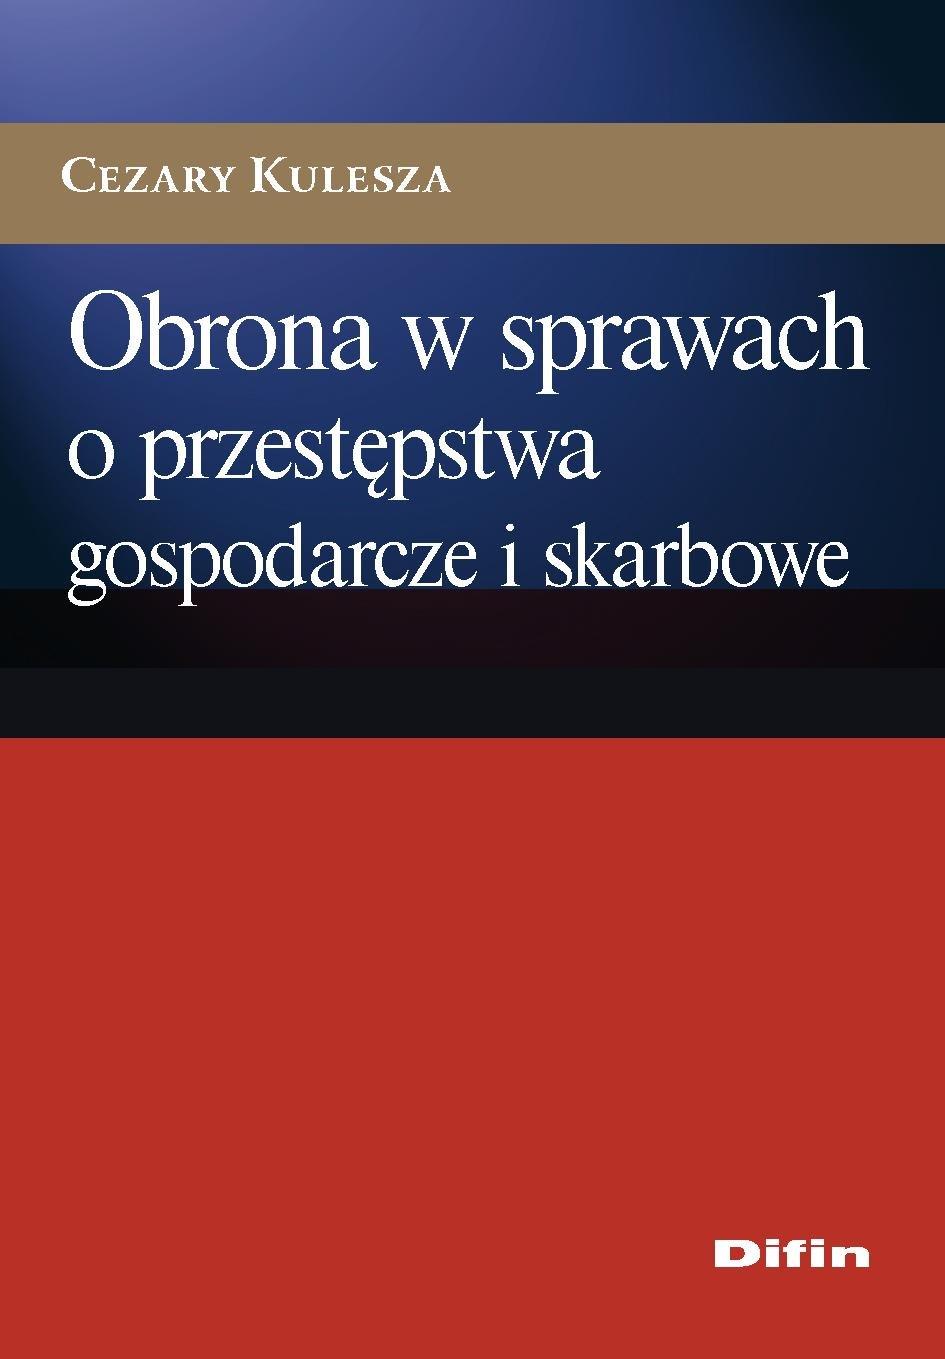 Obrona w sprawach o przestępstwa gospodarcze i skarbowe - Ebook (Książka PDF) do pobrania w formacie PDF